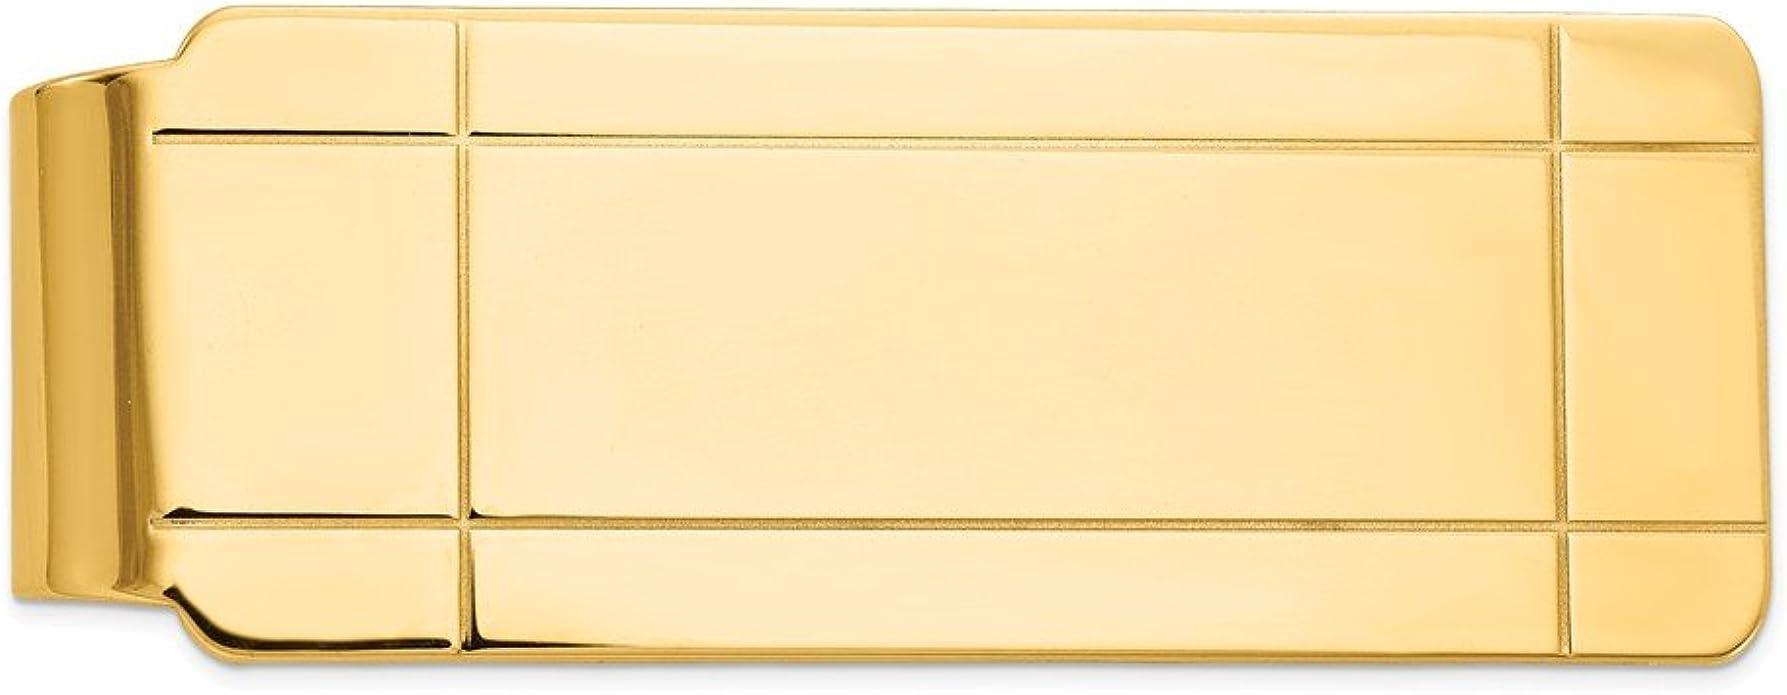 Block Styl FB Jewels 14K Yellow Gold 3